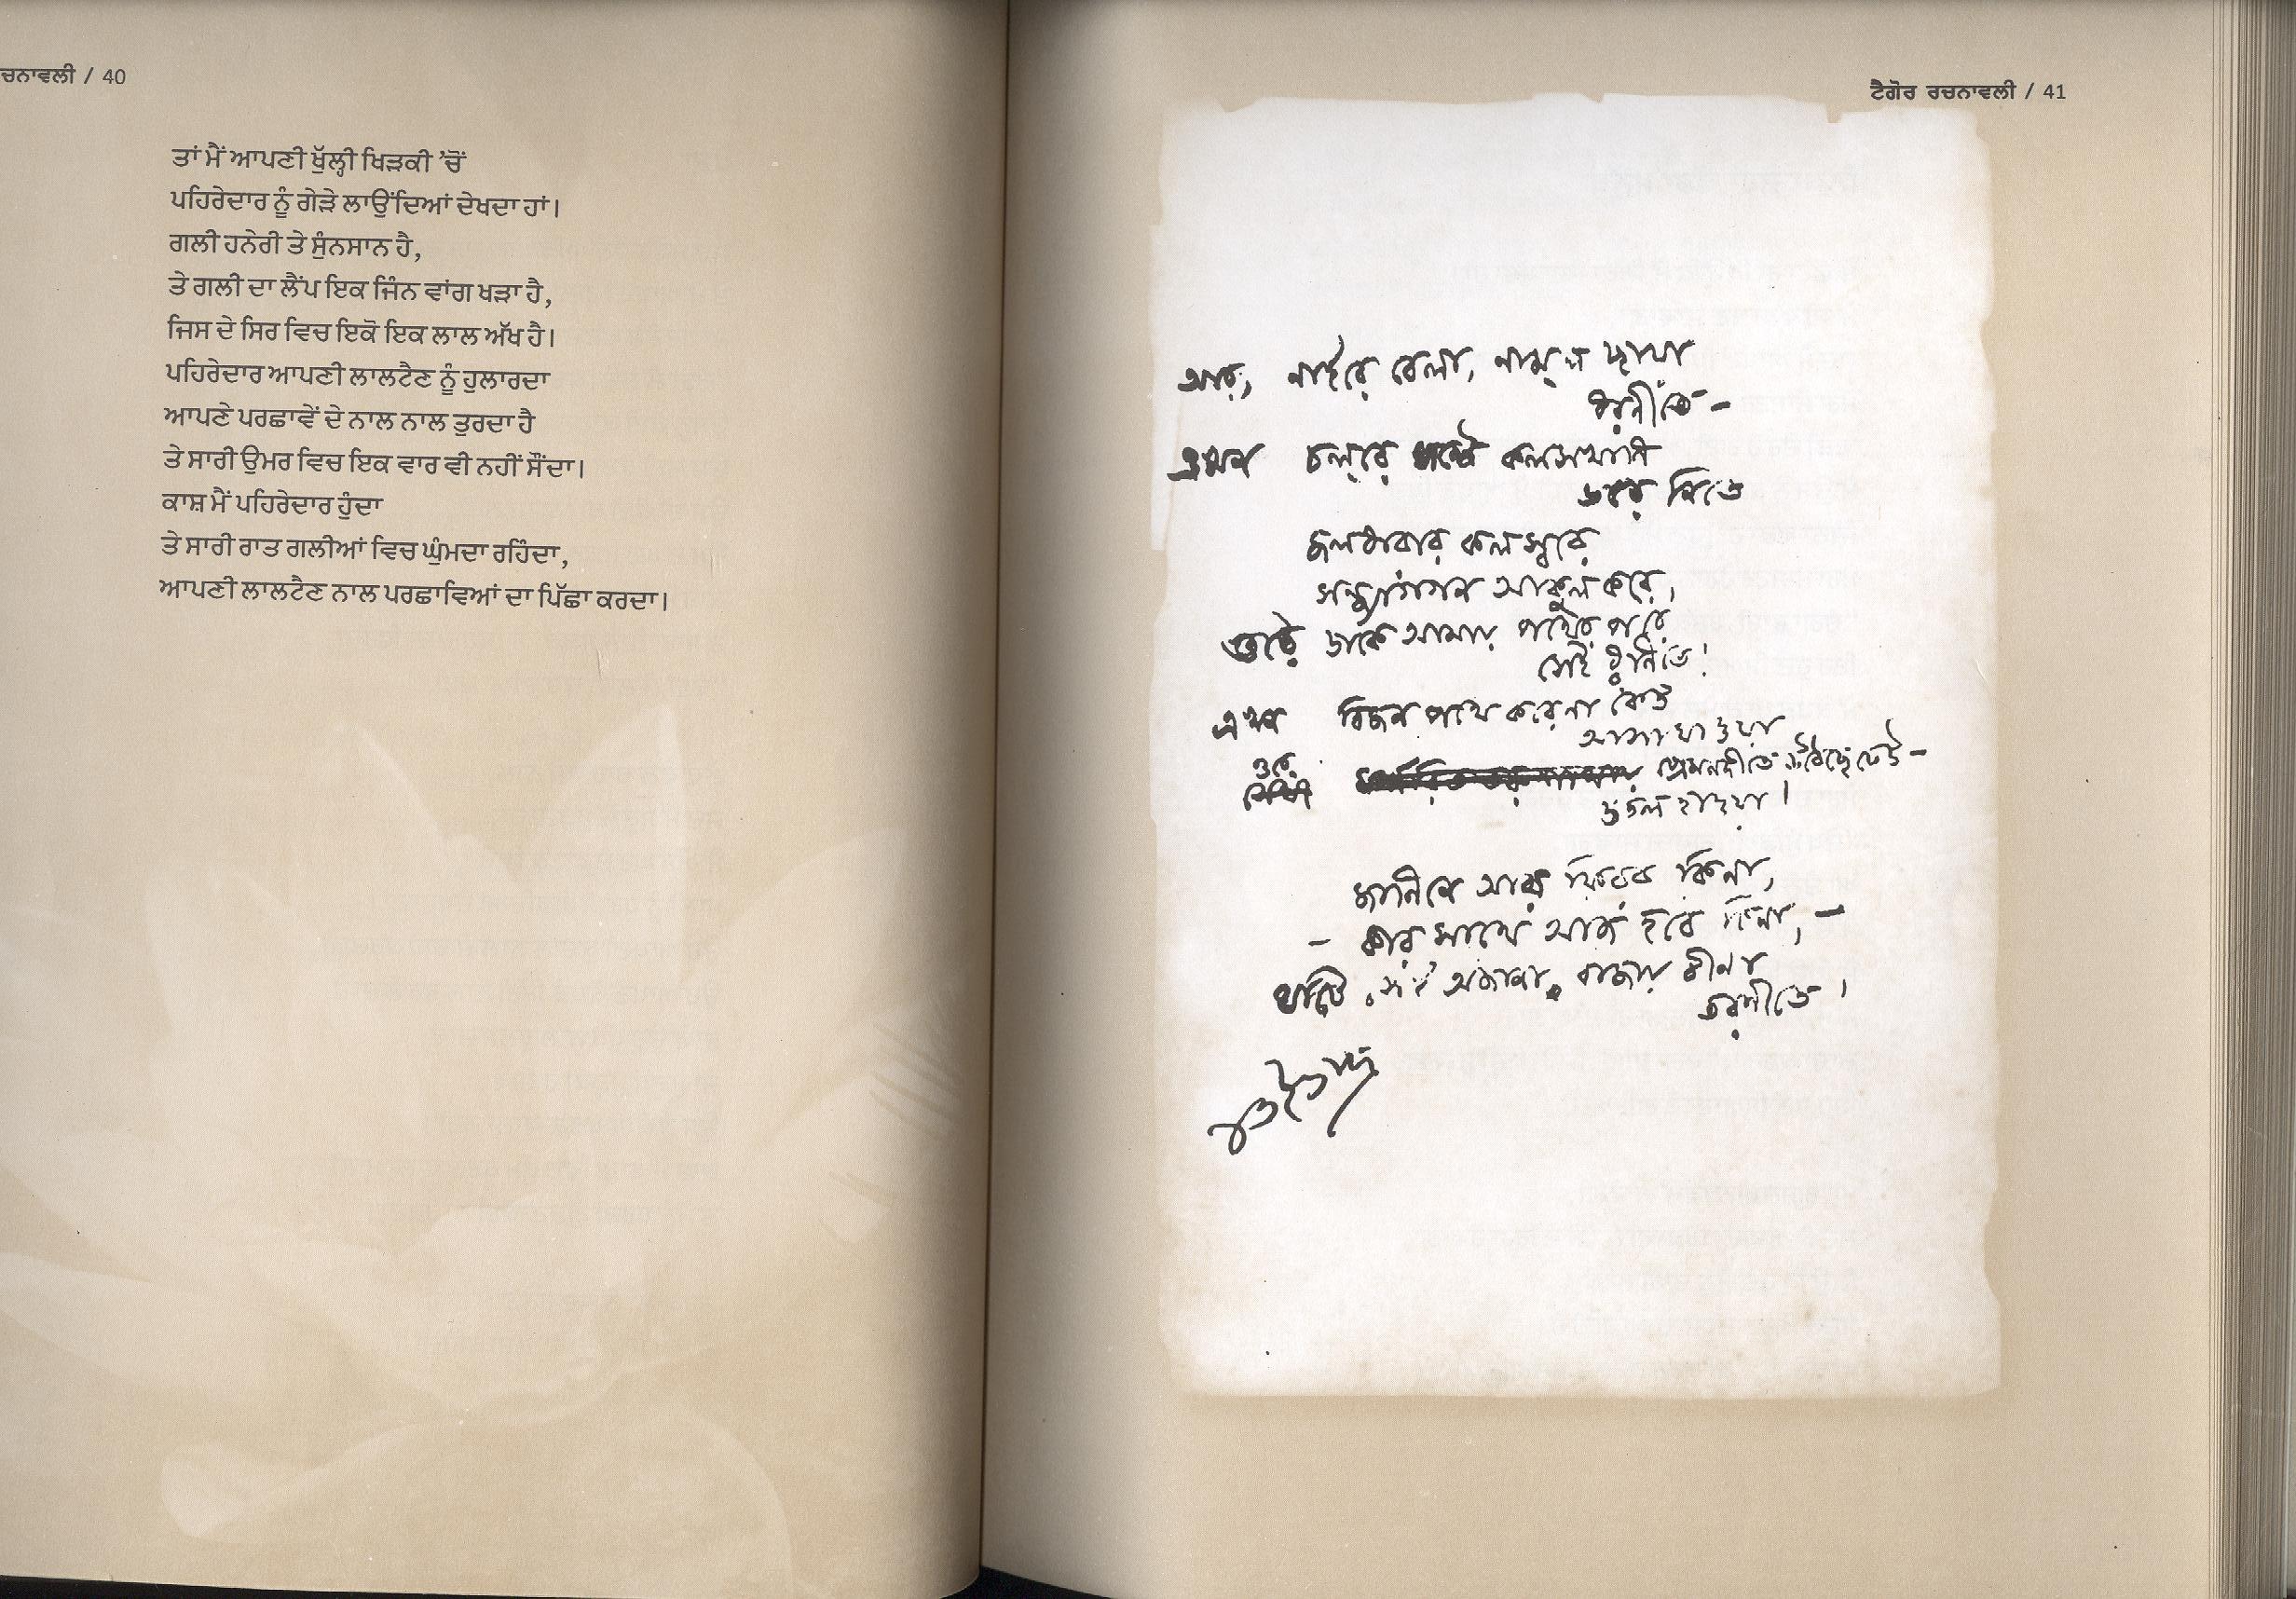 Tagore handwriting